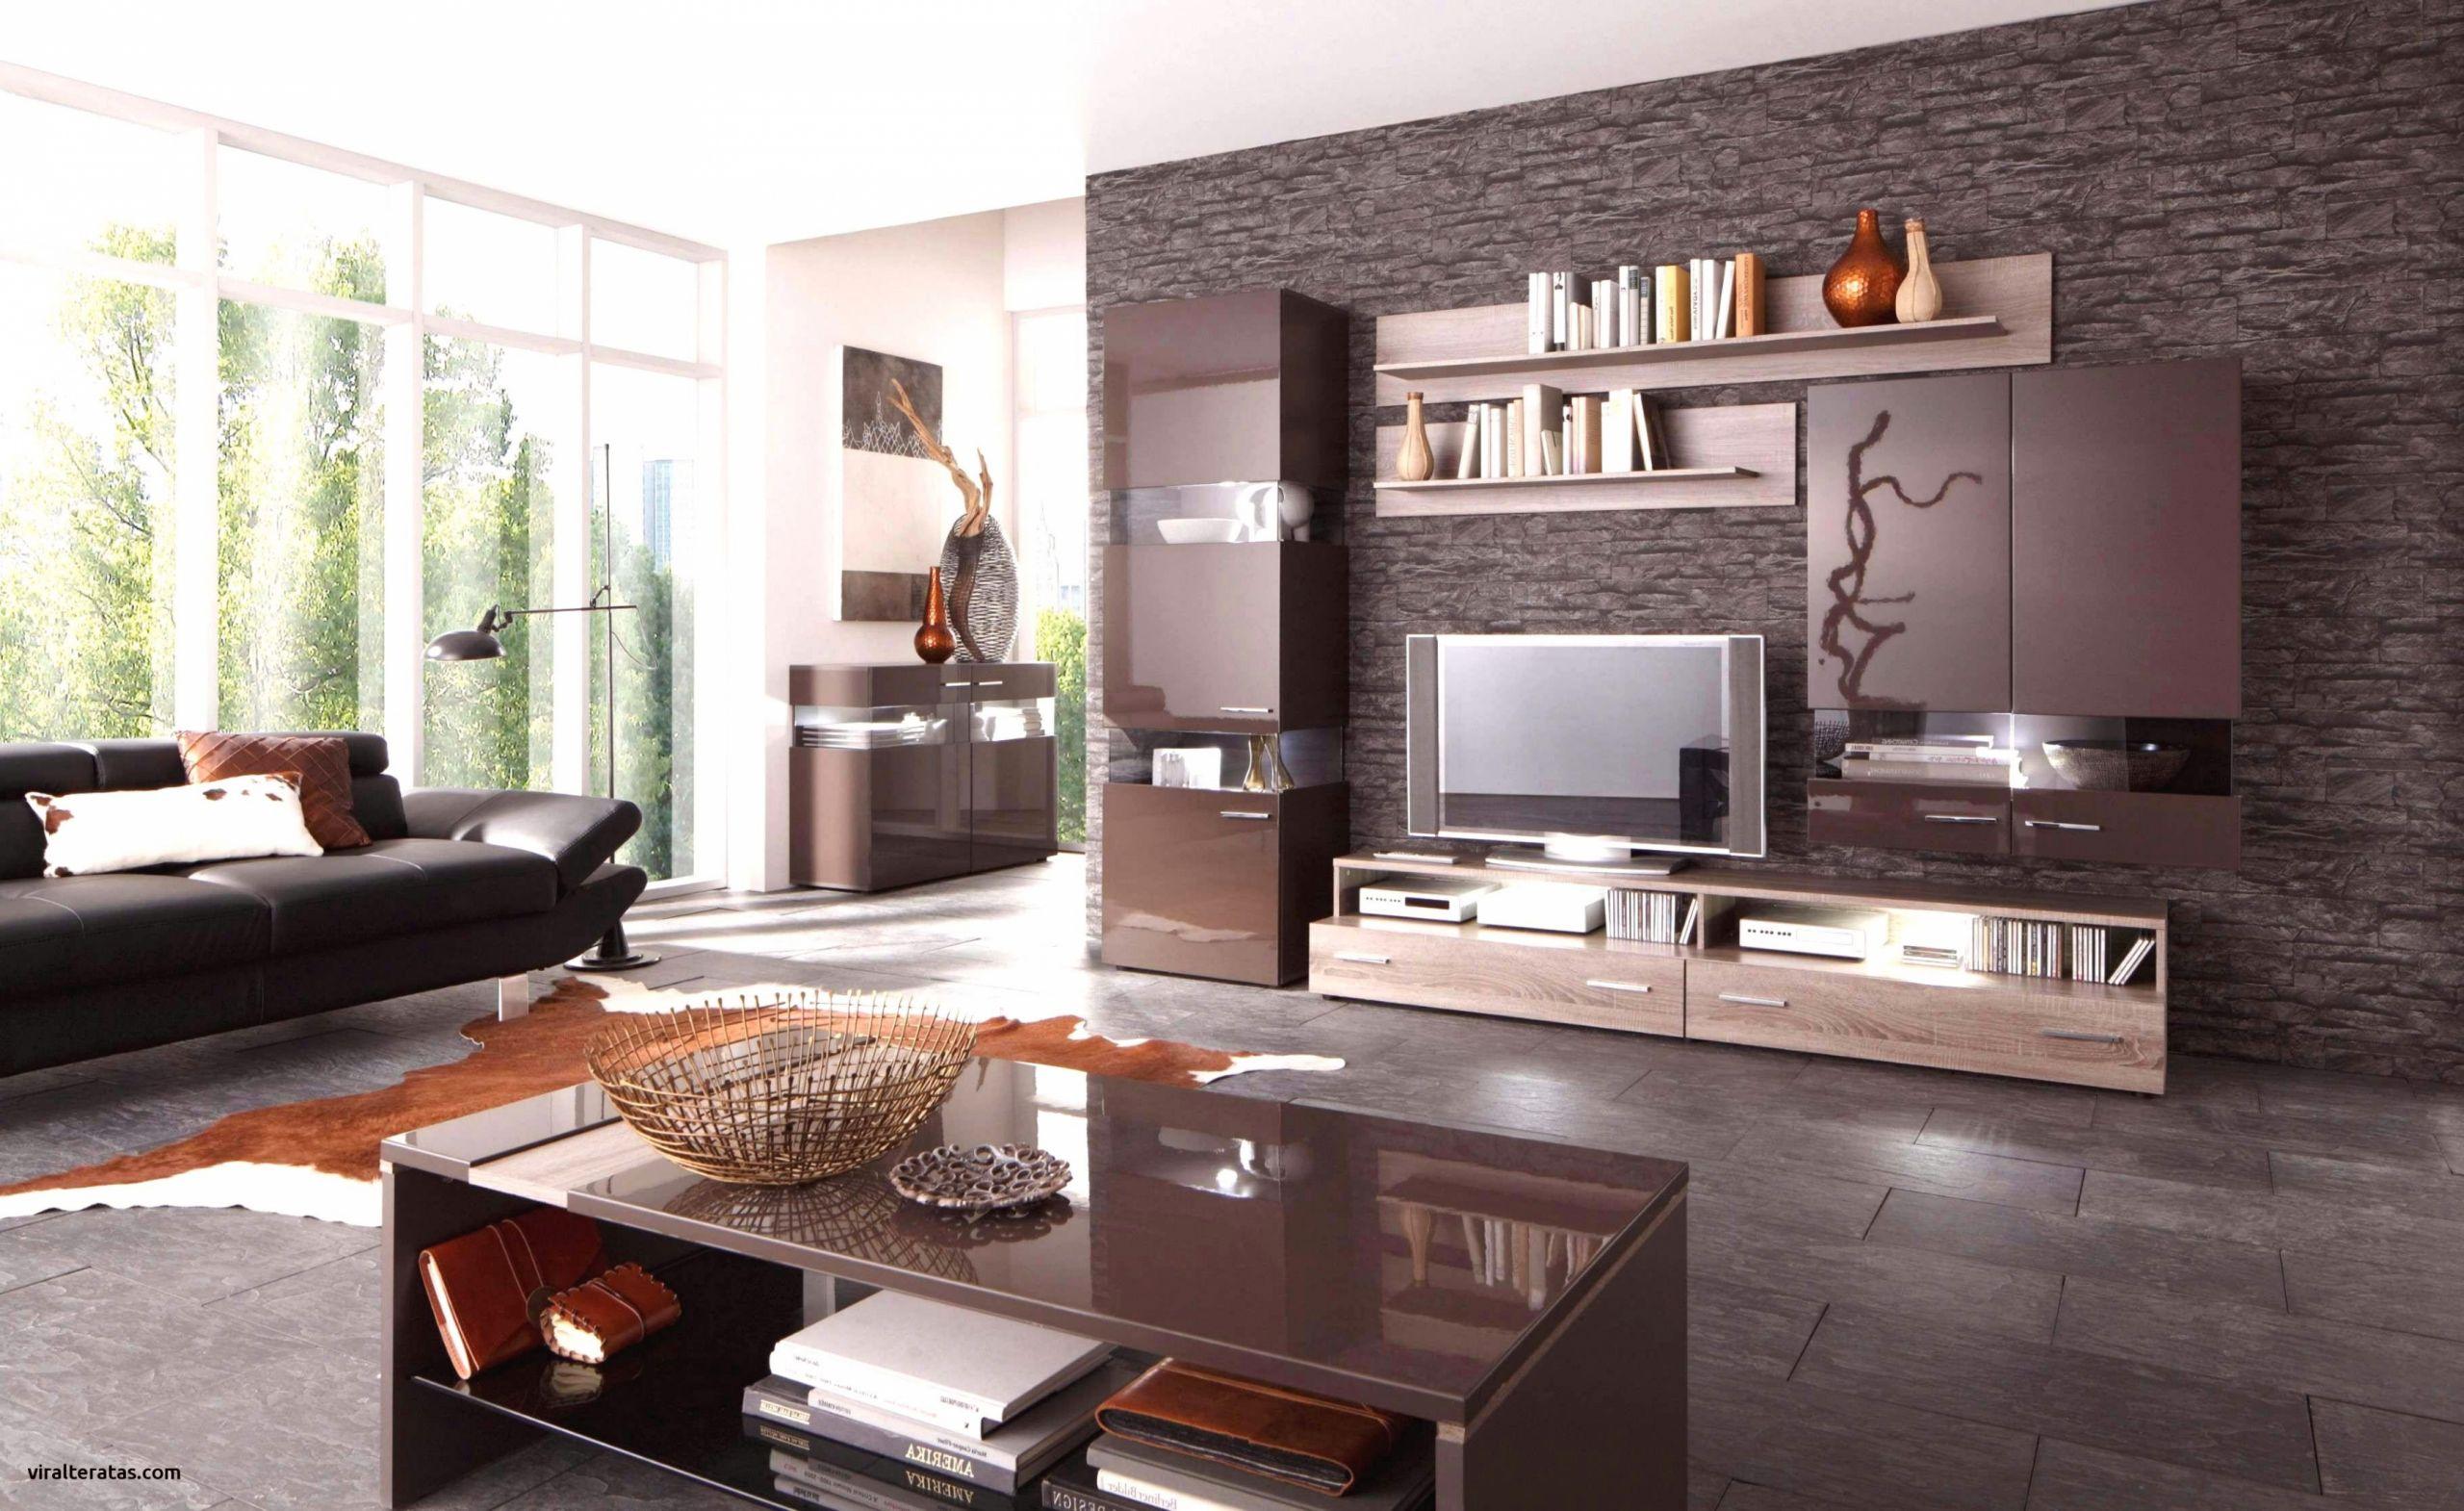 elegant schlafzimmer gemutlich gestalten ideen kleines schlafzimmer gemutlich gestalten kleines schlafzimmer gemutlich gestalten 3